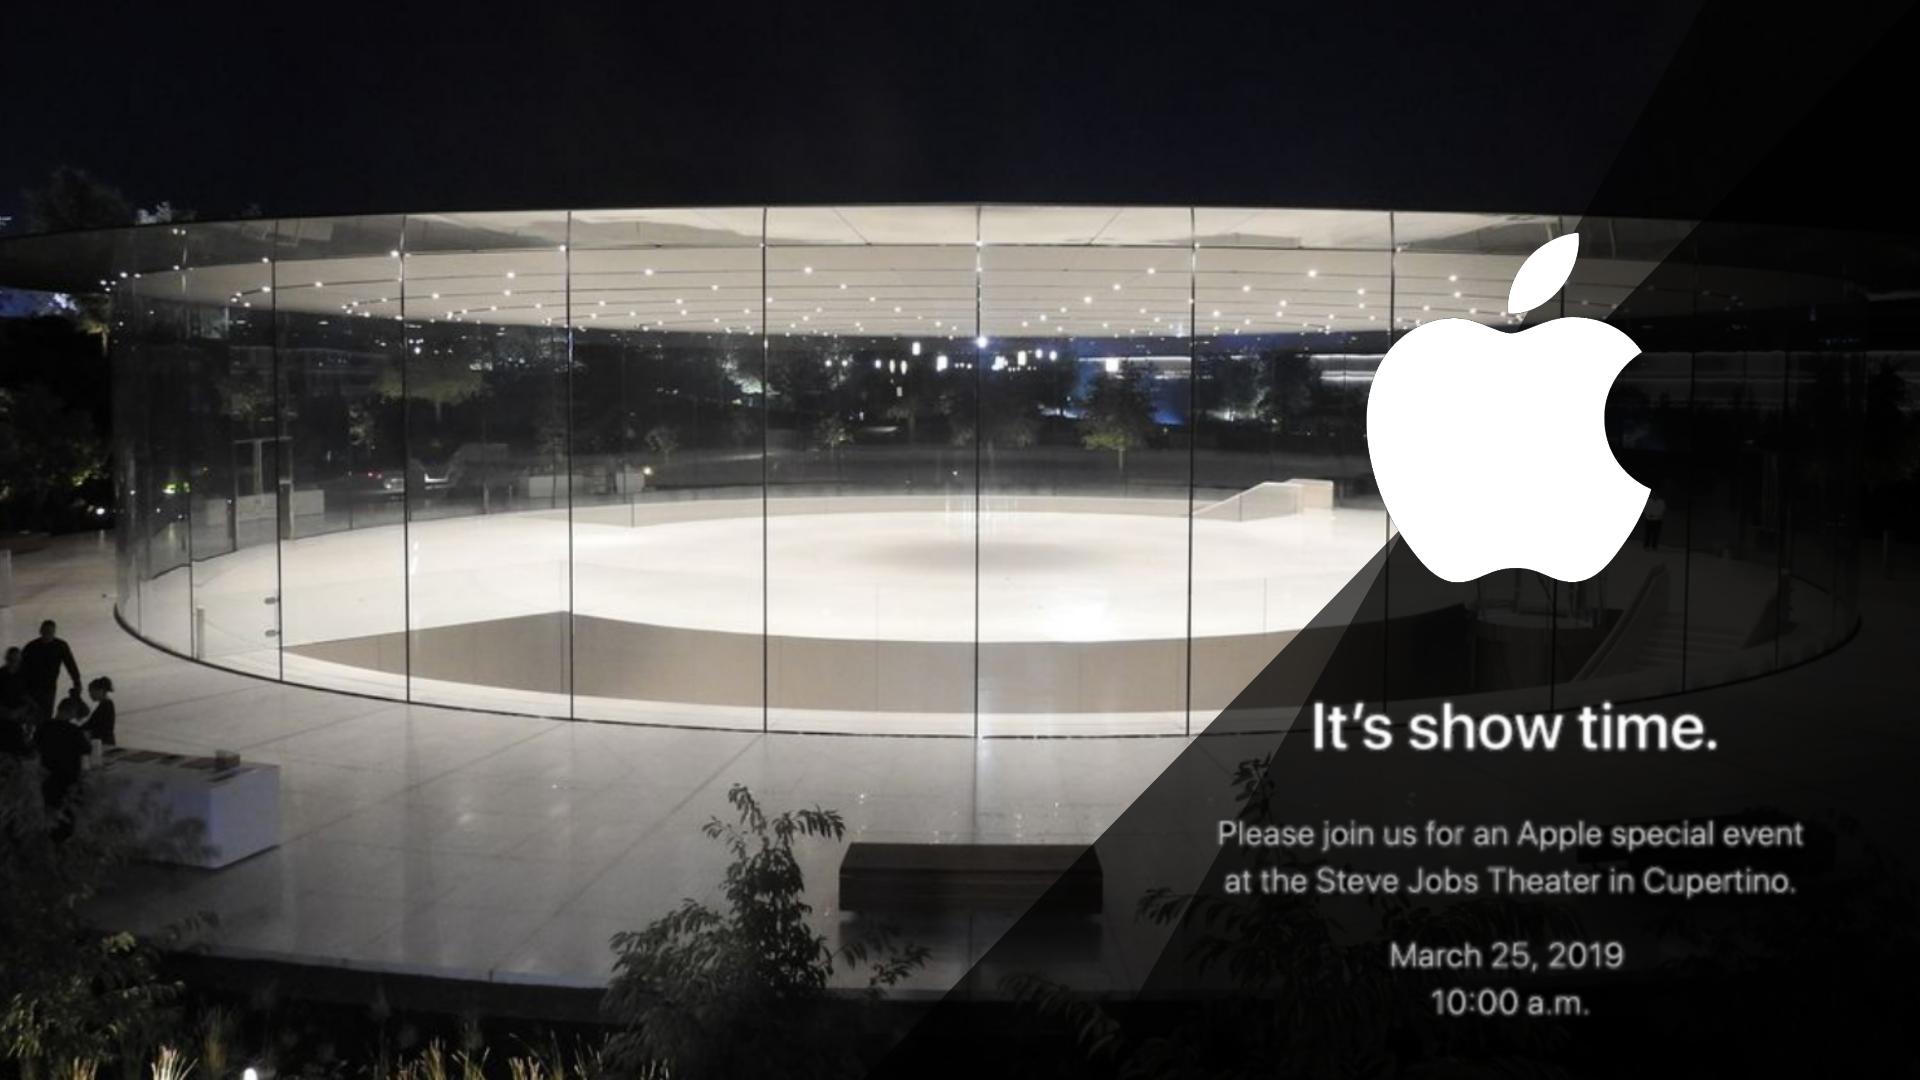 Nagy Apple esemény március 25-én, erre számítunk